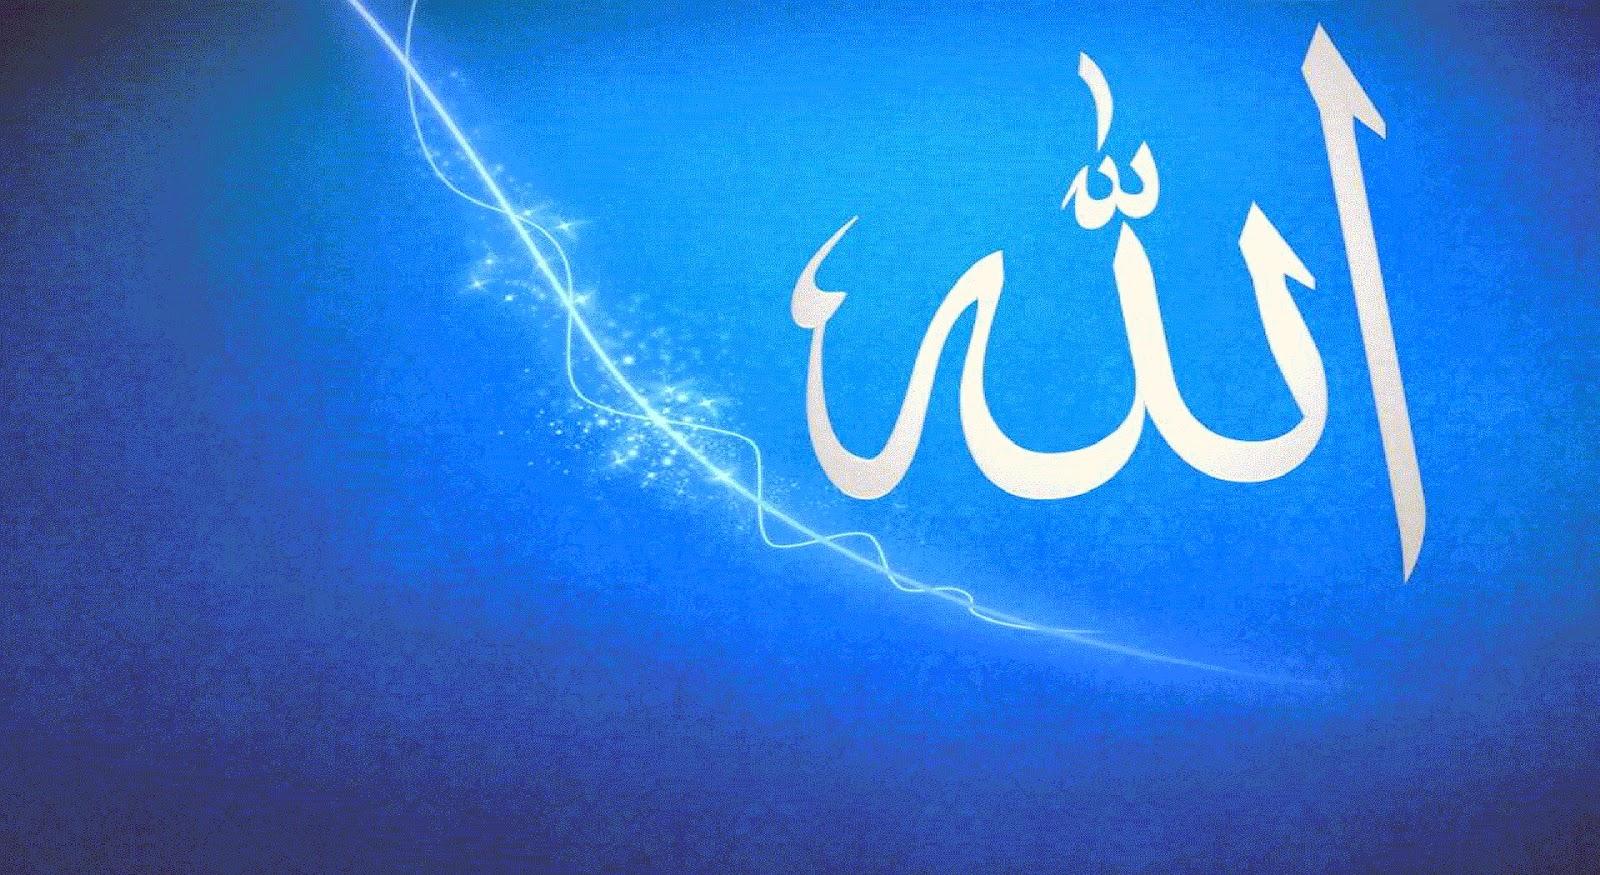 ALLAH name Desktop Wallpaper Allah hd wallpaper Allah Name Islam 1600x875